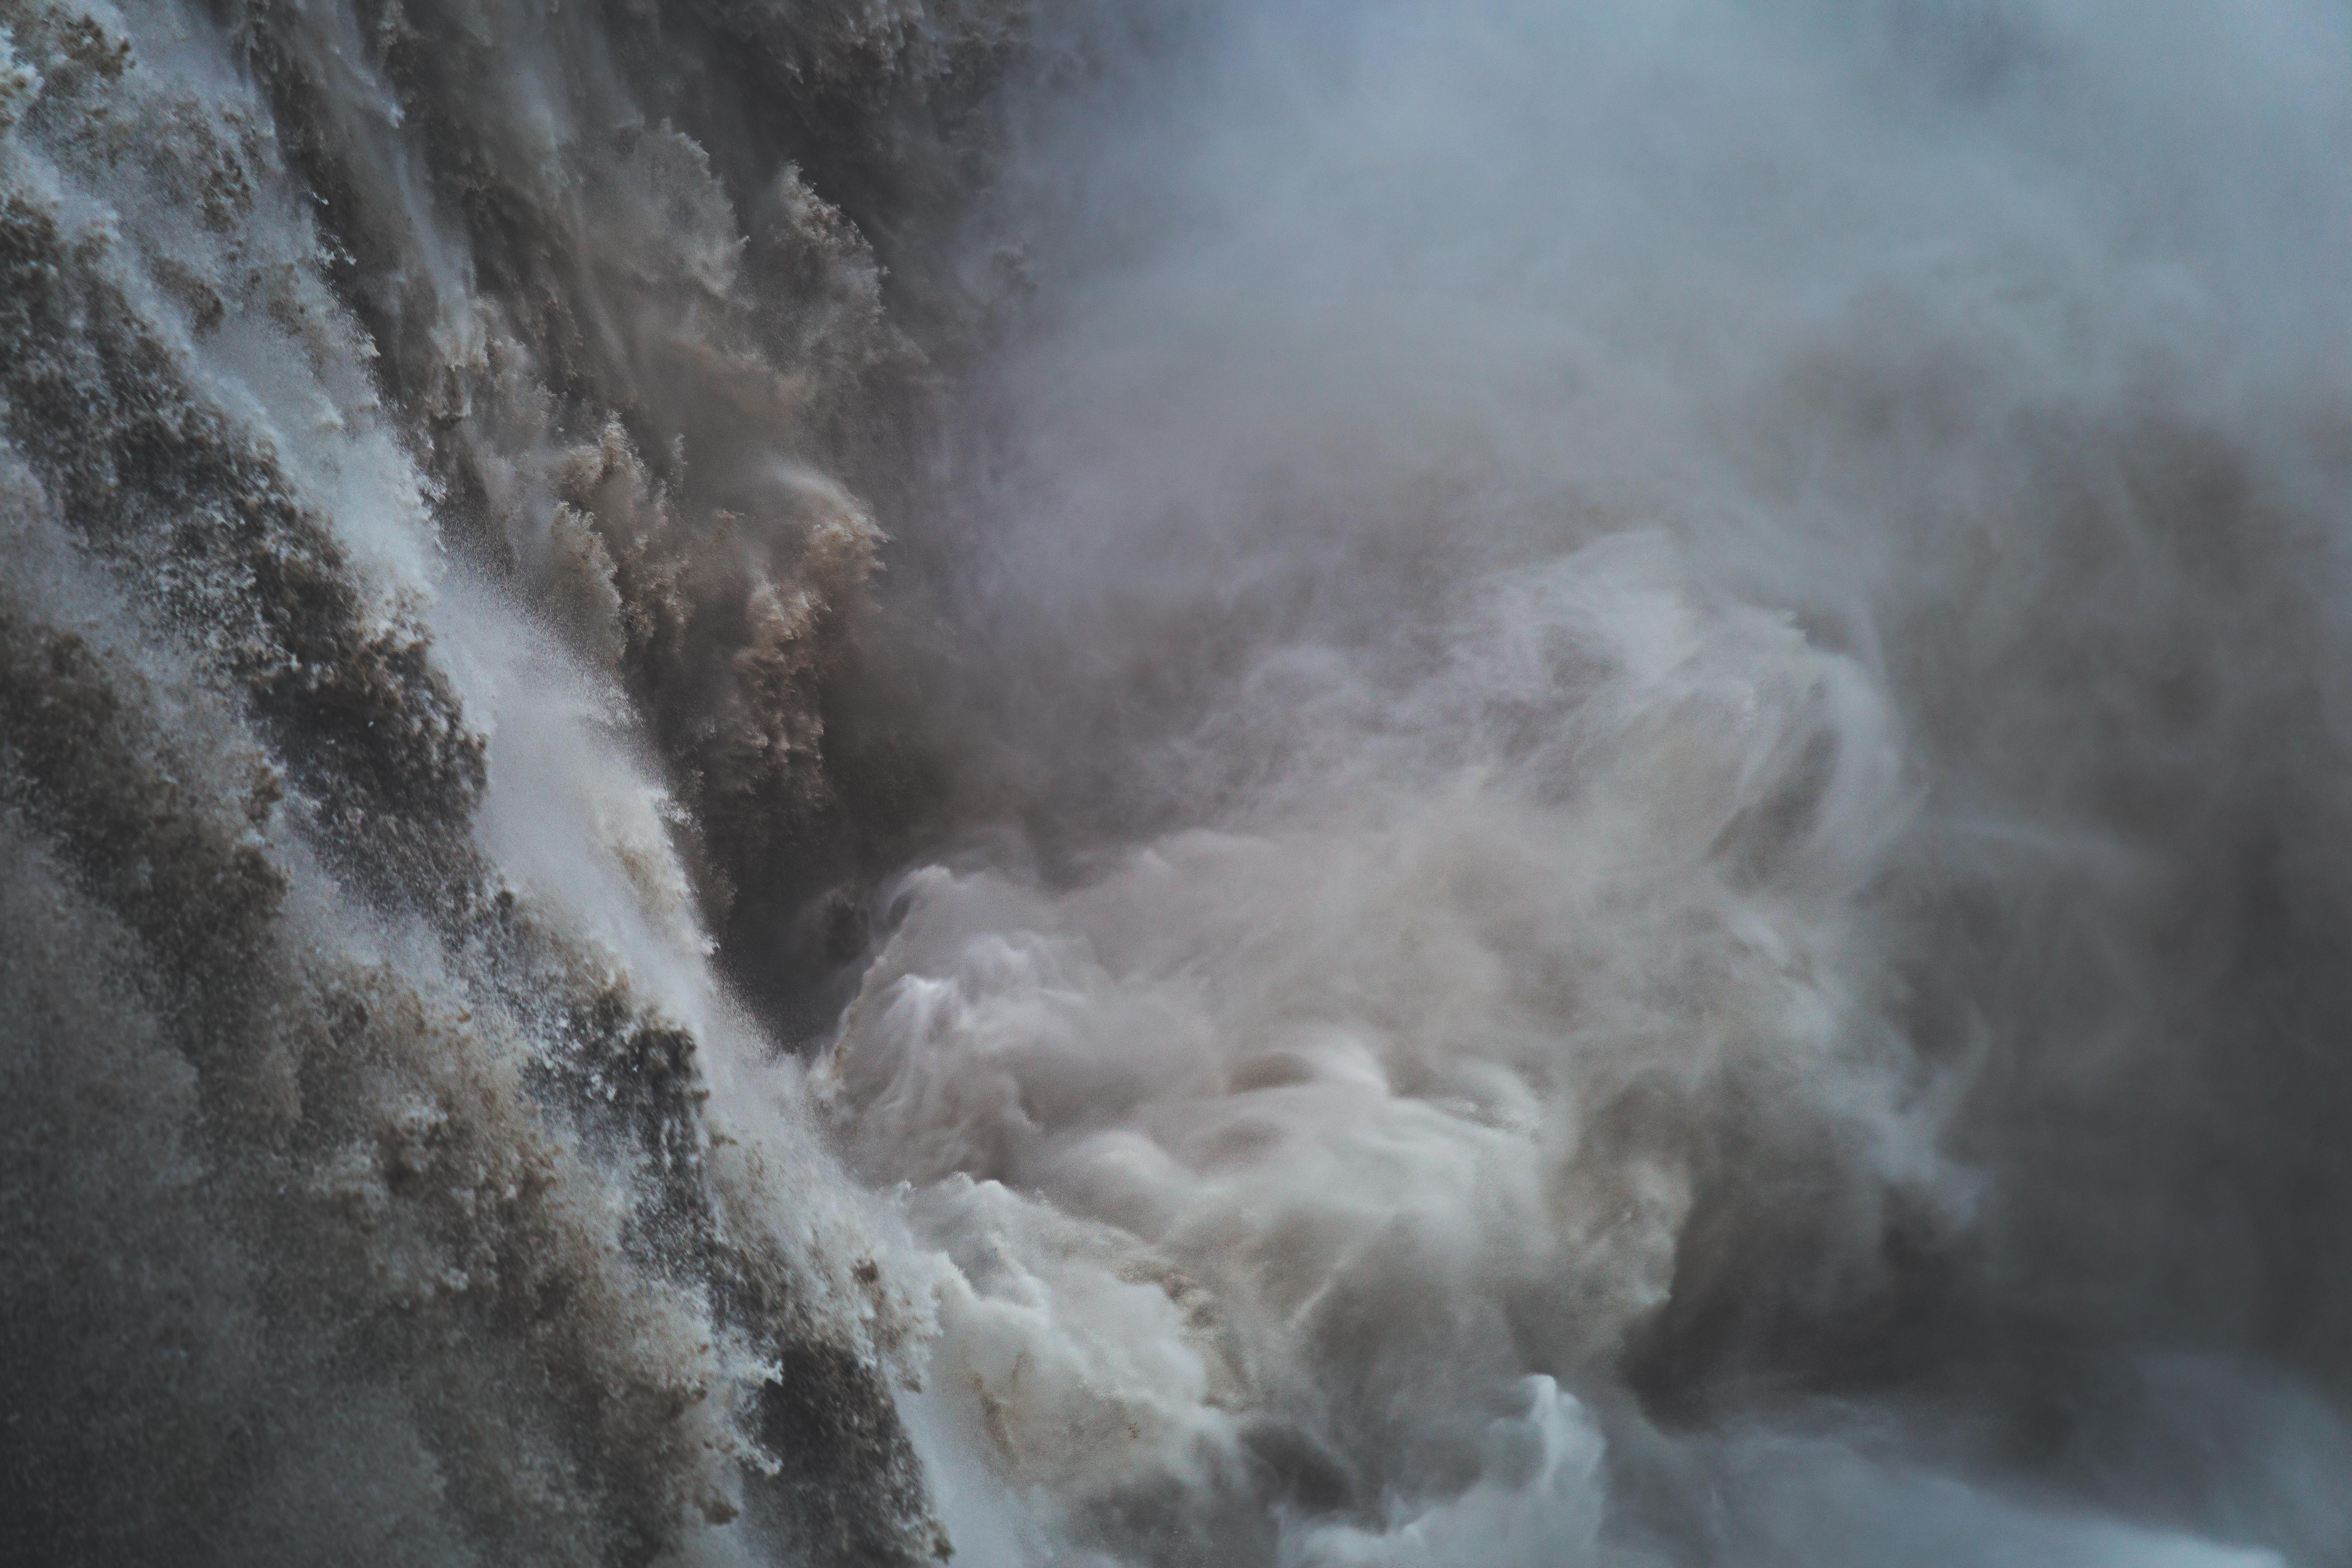 93723 Hintergrundbild herunterladen Wasser, Natur, Wasserfall, Sprühen, Spray, Fließen, Stream - Bildschirmschoner und Bilder kostenlos